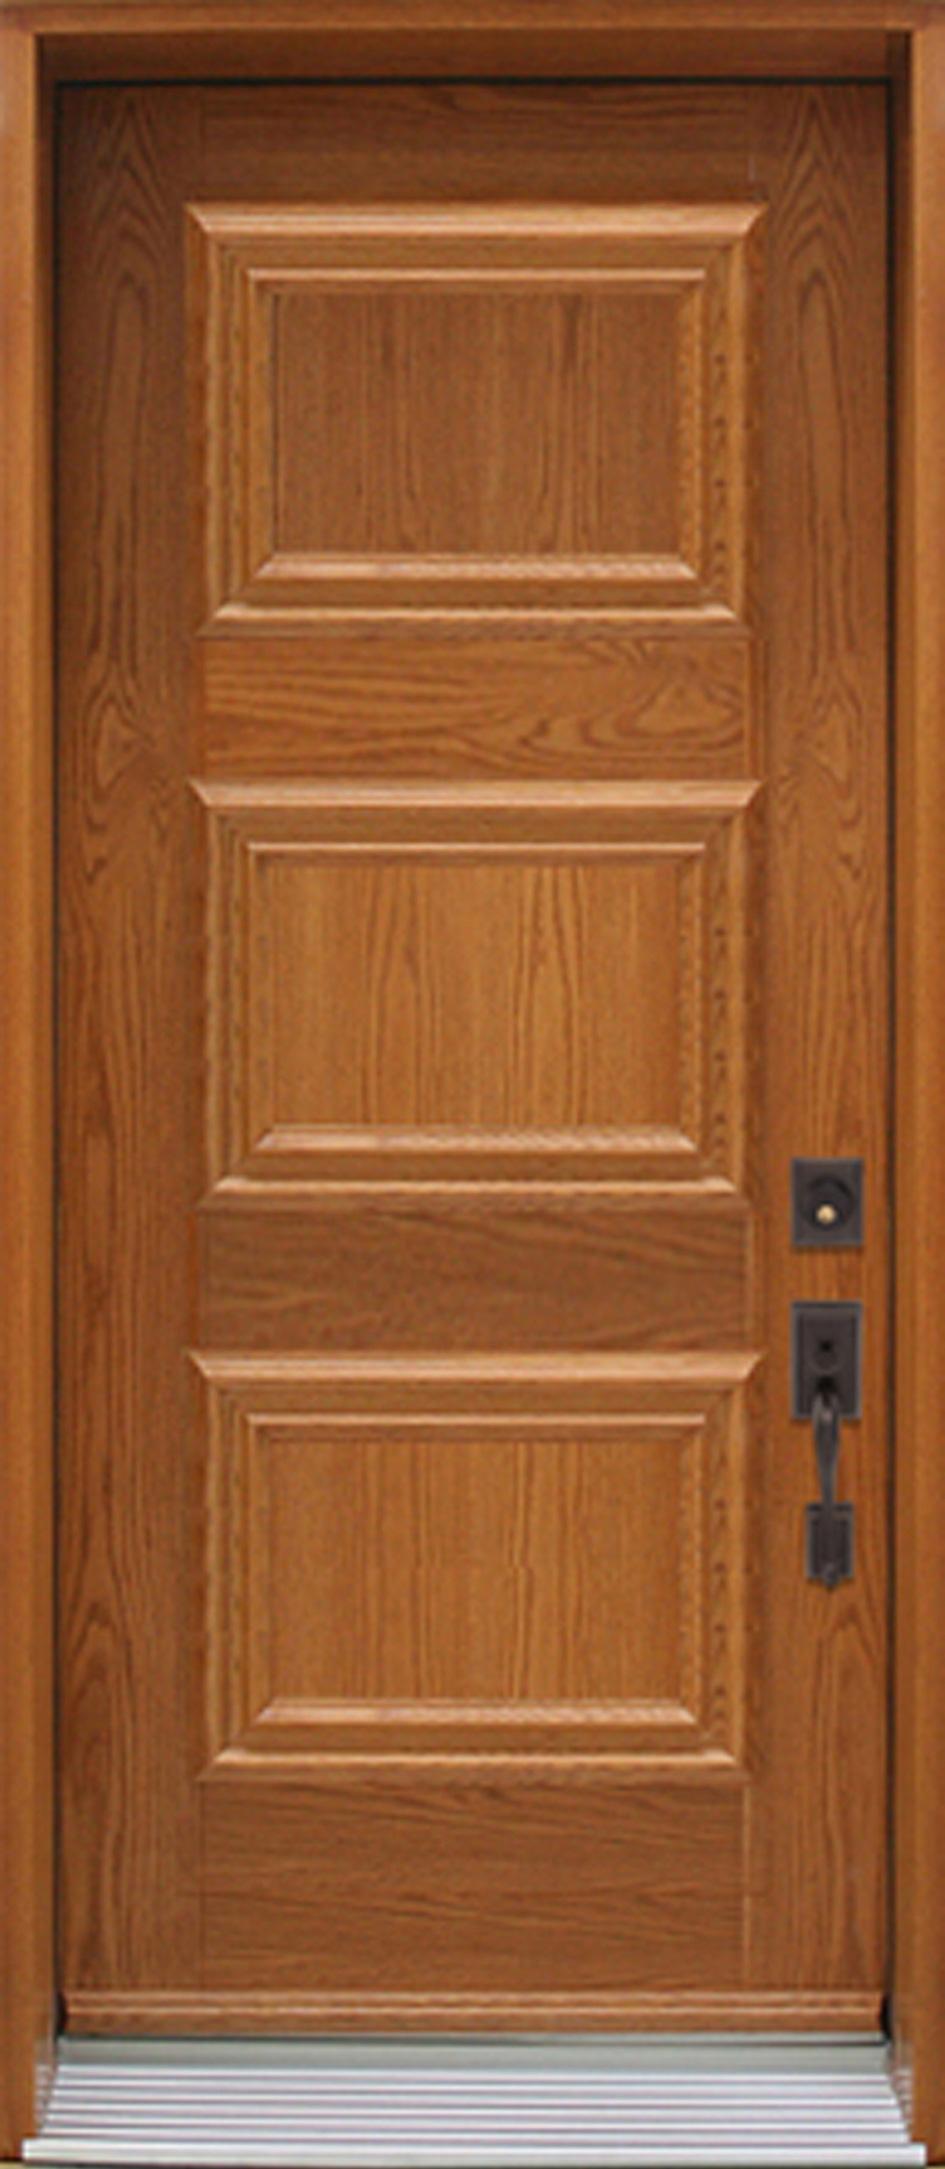 Nb318 porte acier bois panneaux d coratifs ch ne portatec fabricant de portes sur mesure - Porte en bois ...